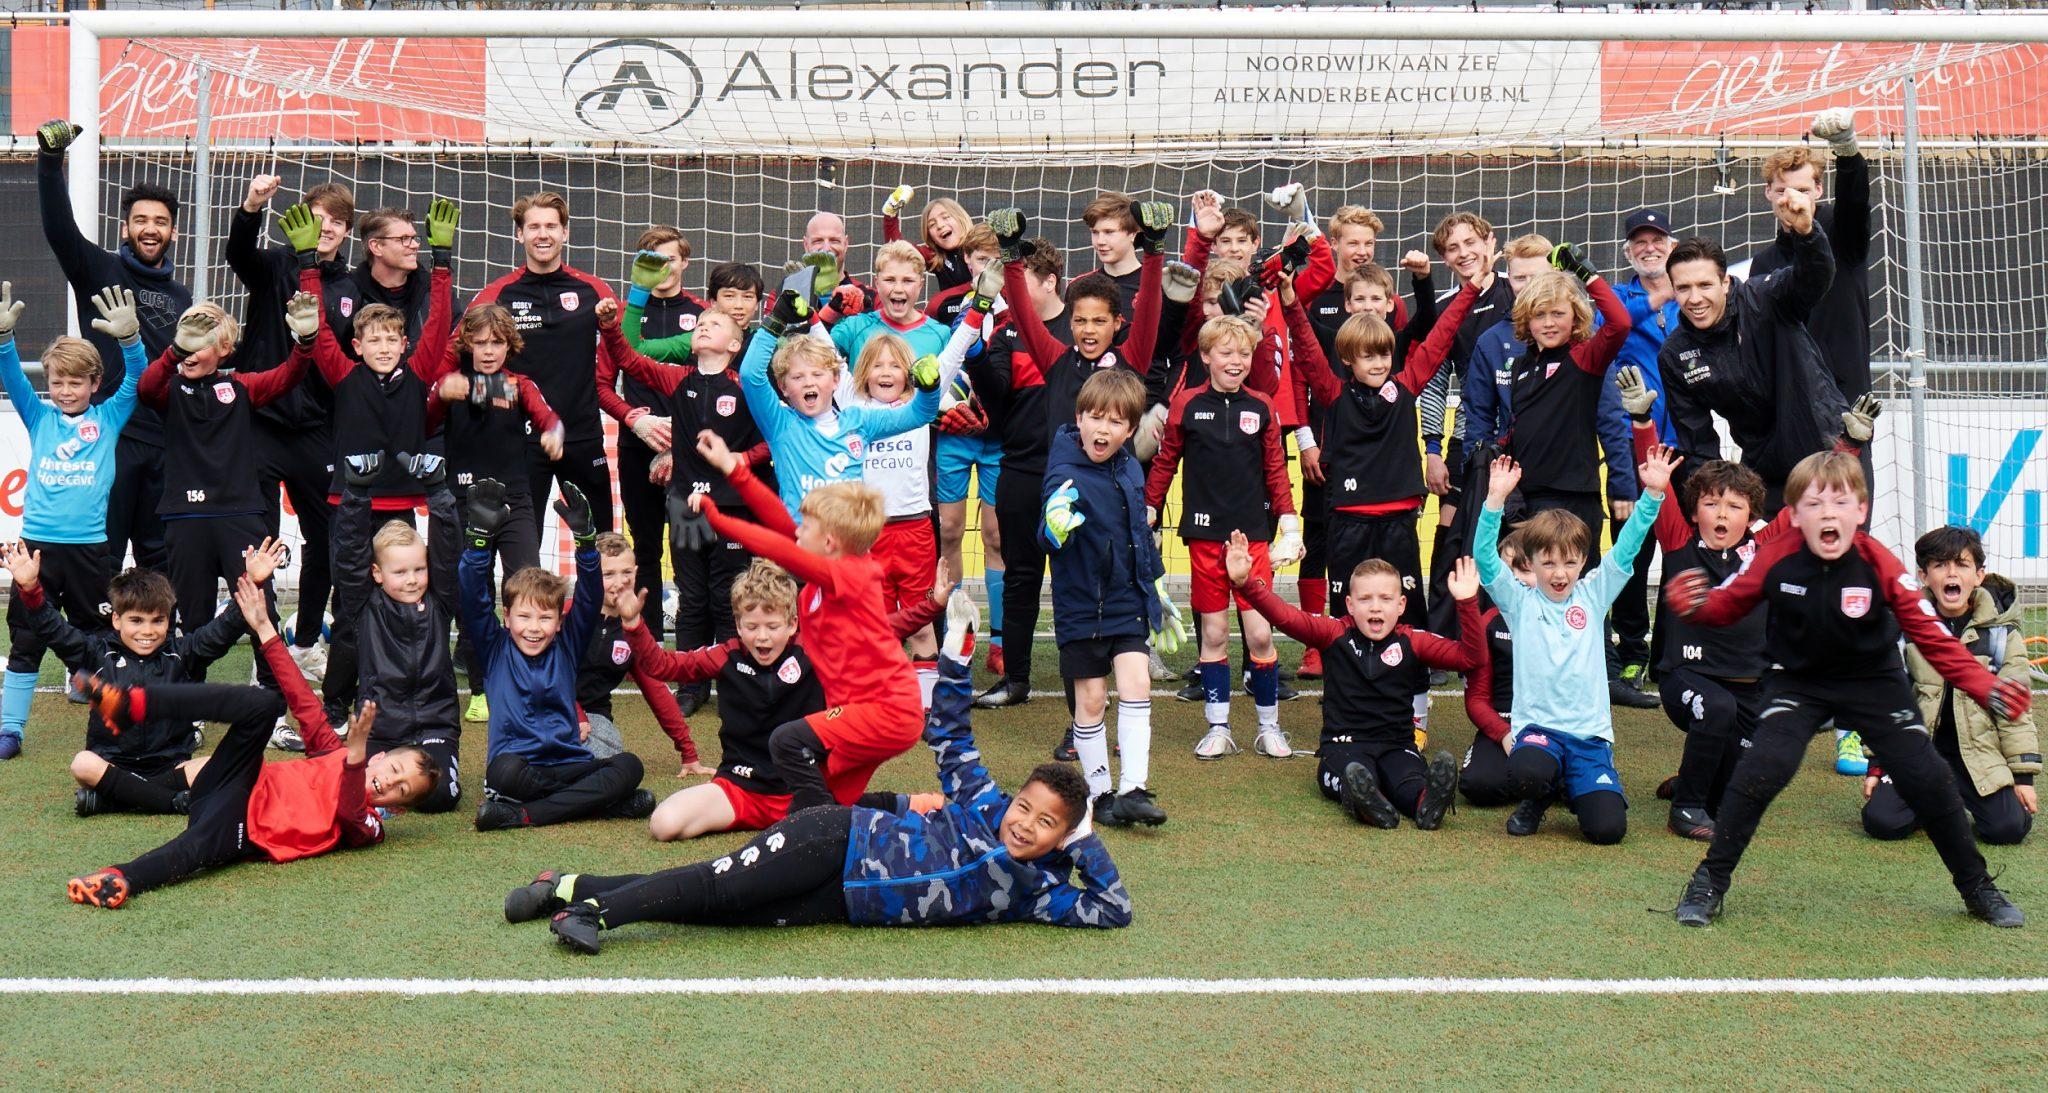 Penaltybokaal en Keepersclinic bij vv Noordwijk